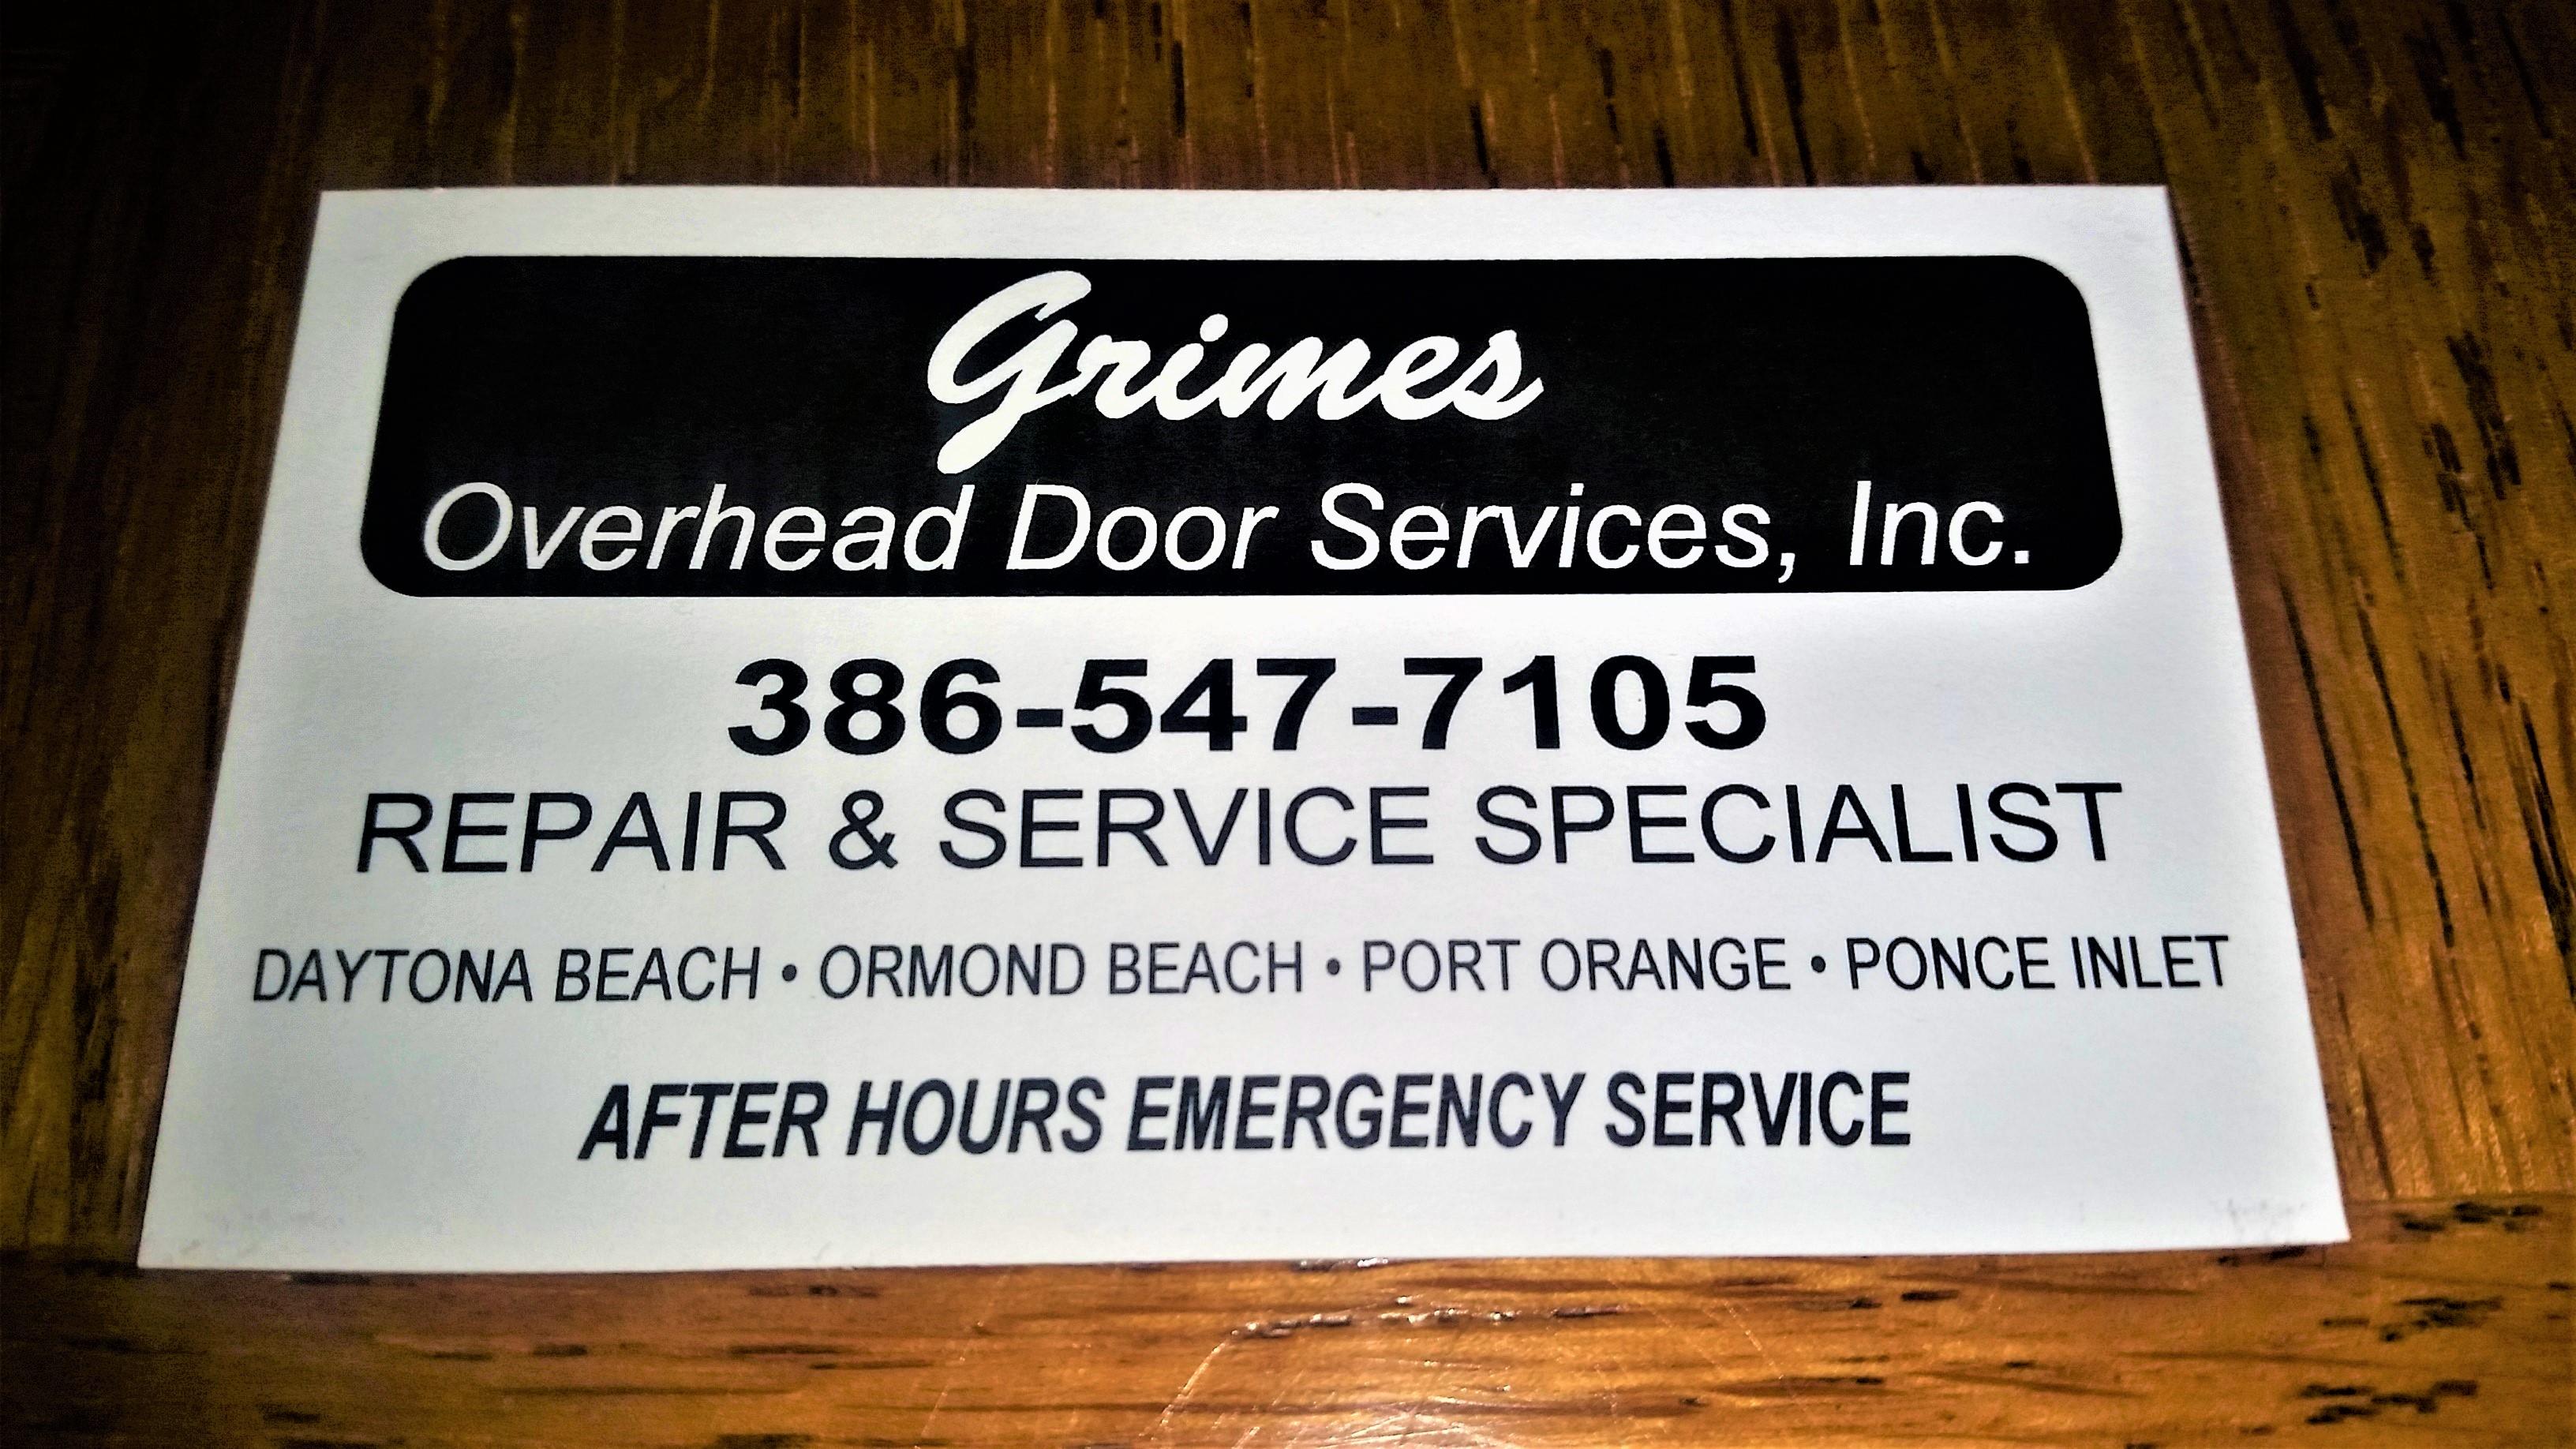 Grimes Overhead Door Services Inc